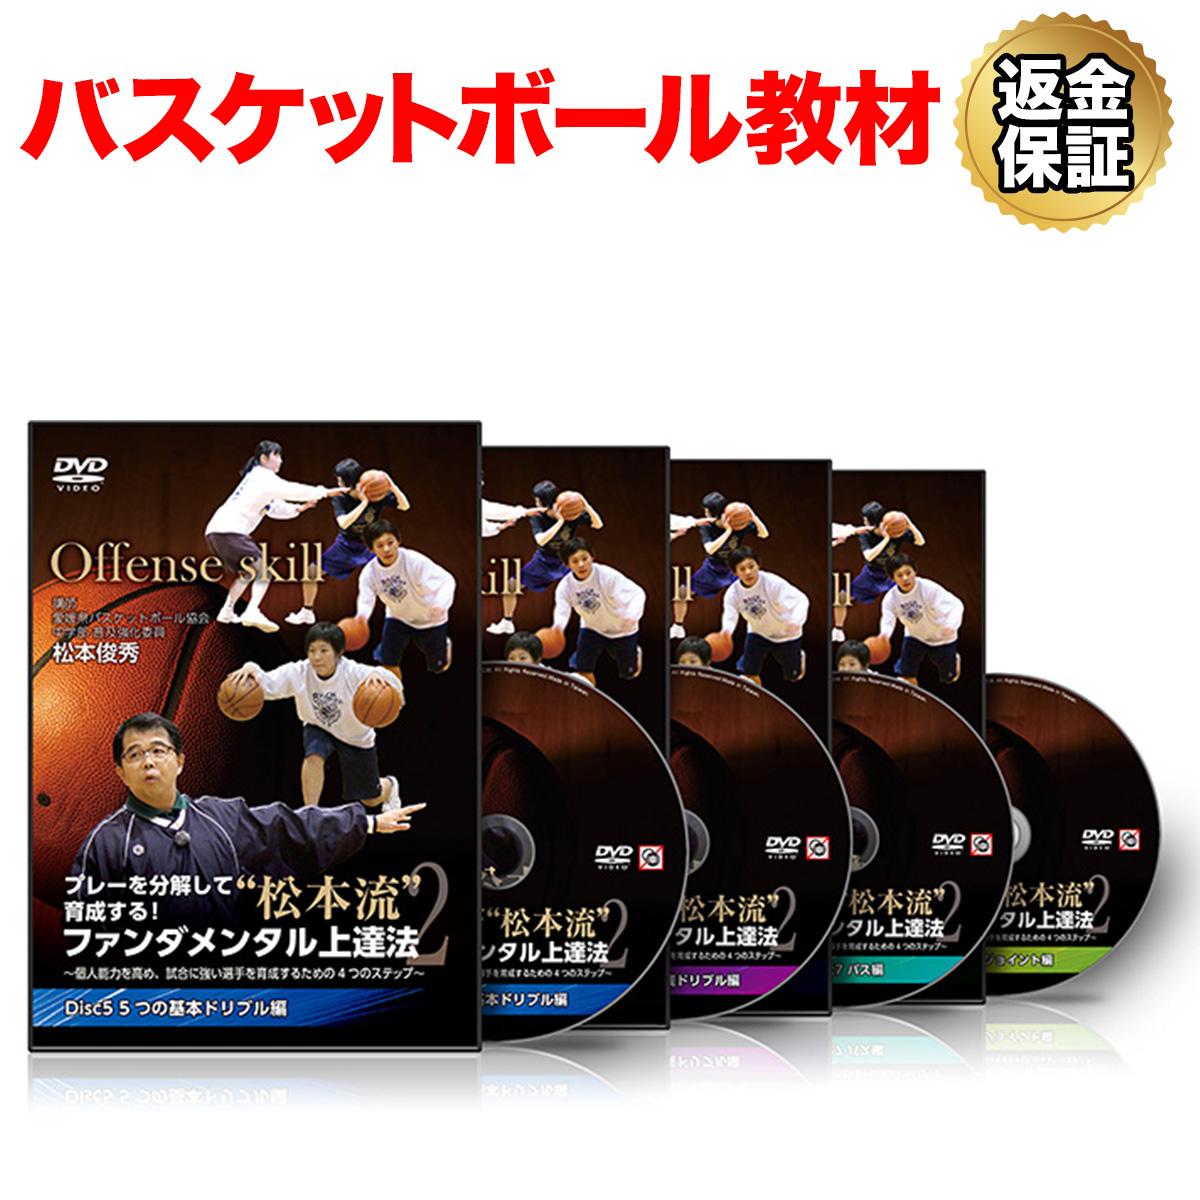 バスケットボール 教材 DVD  プレーを分解して指導する!松本流ファンダメンタル練習法2 ~個人能力を高め、試合に強い選手を育成するための「4つ」の秘訣~